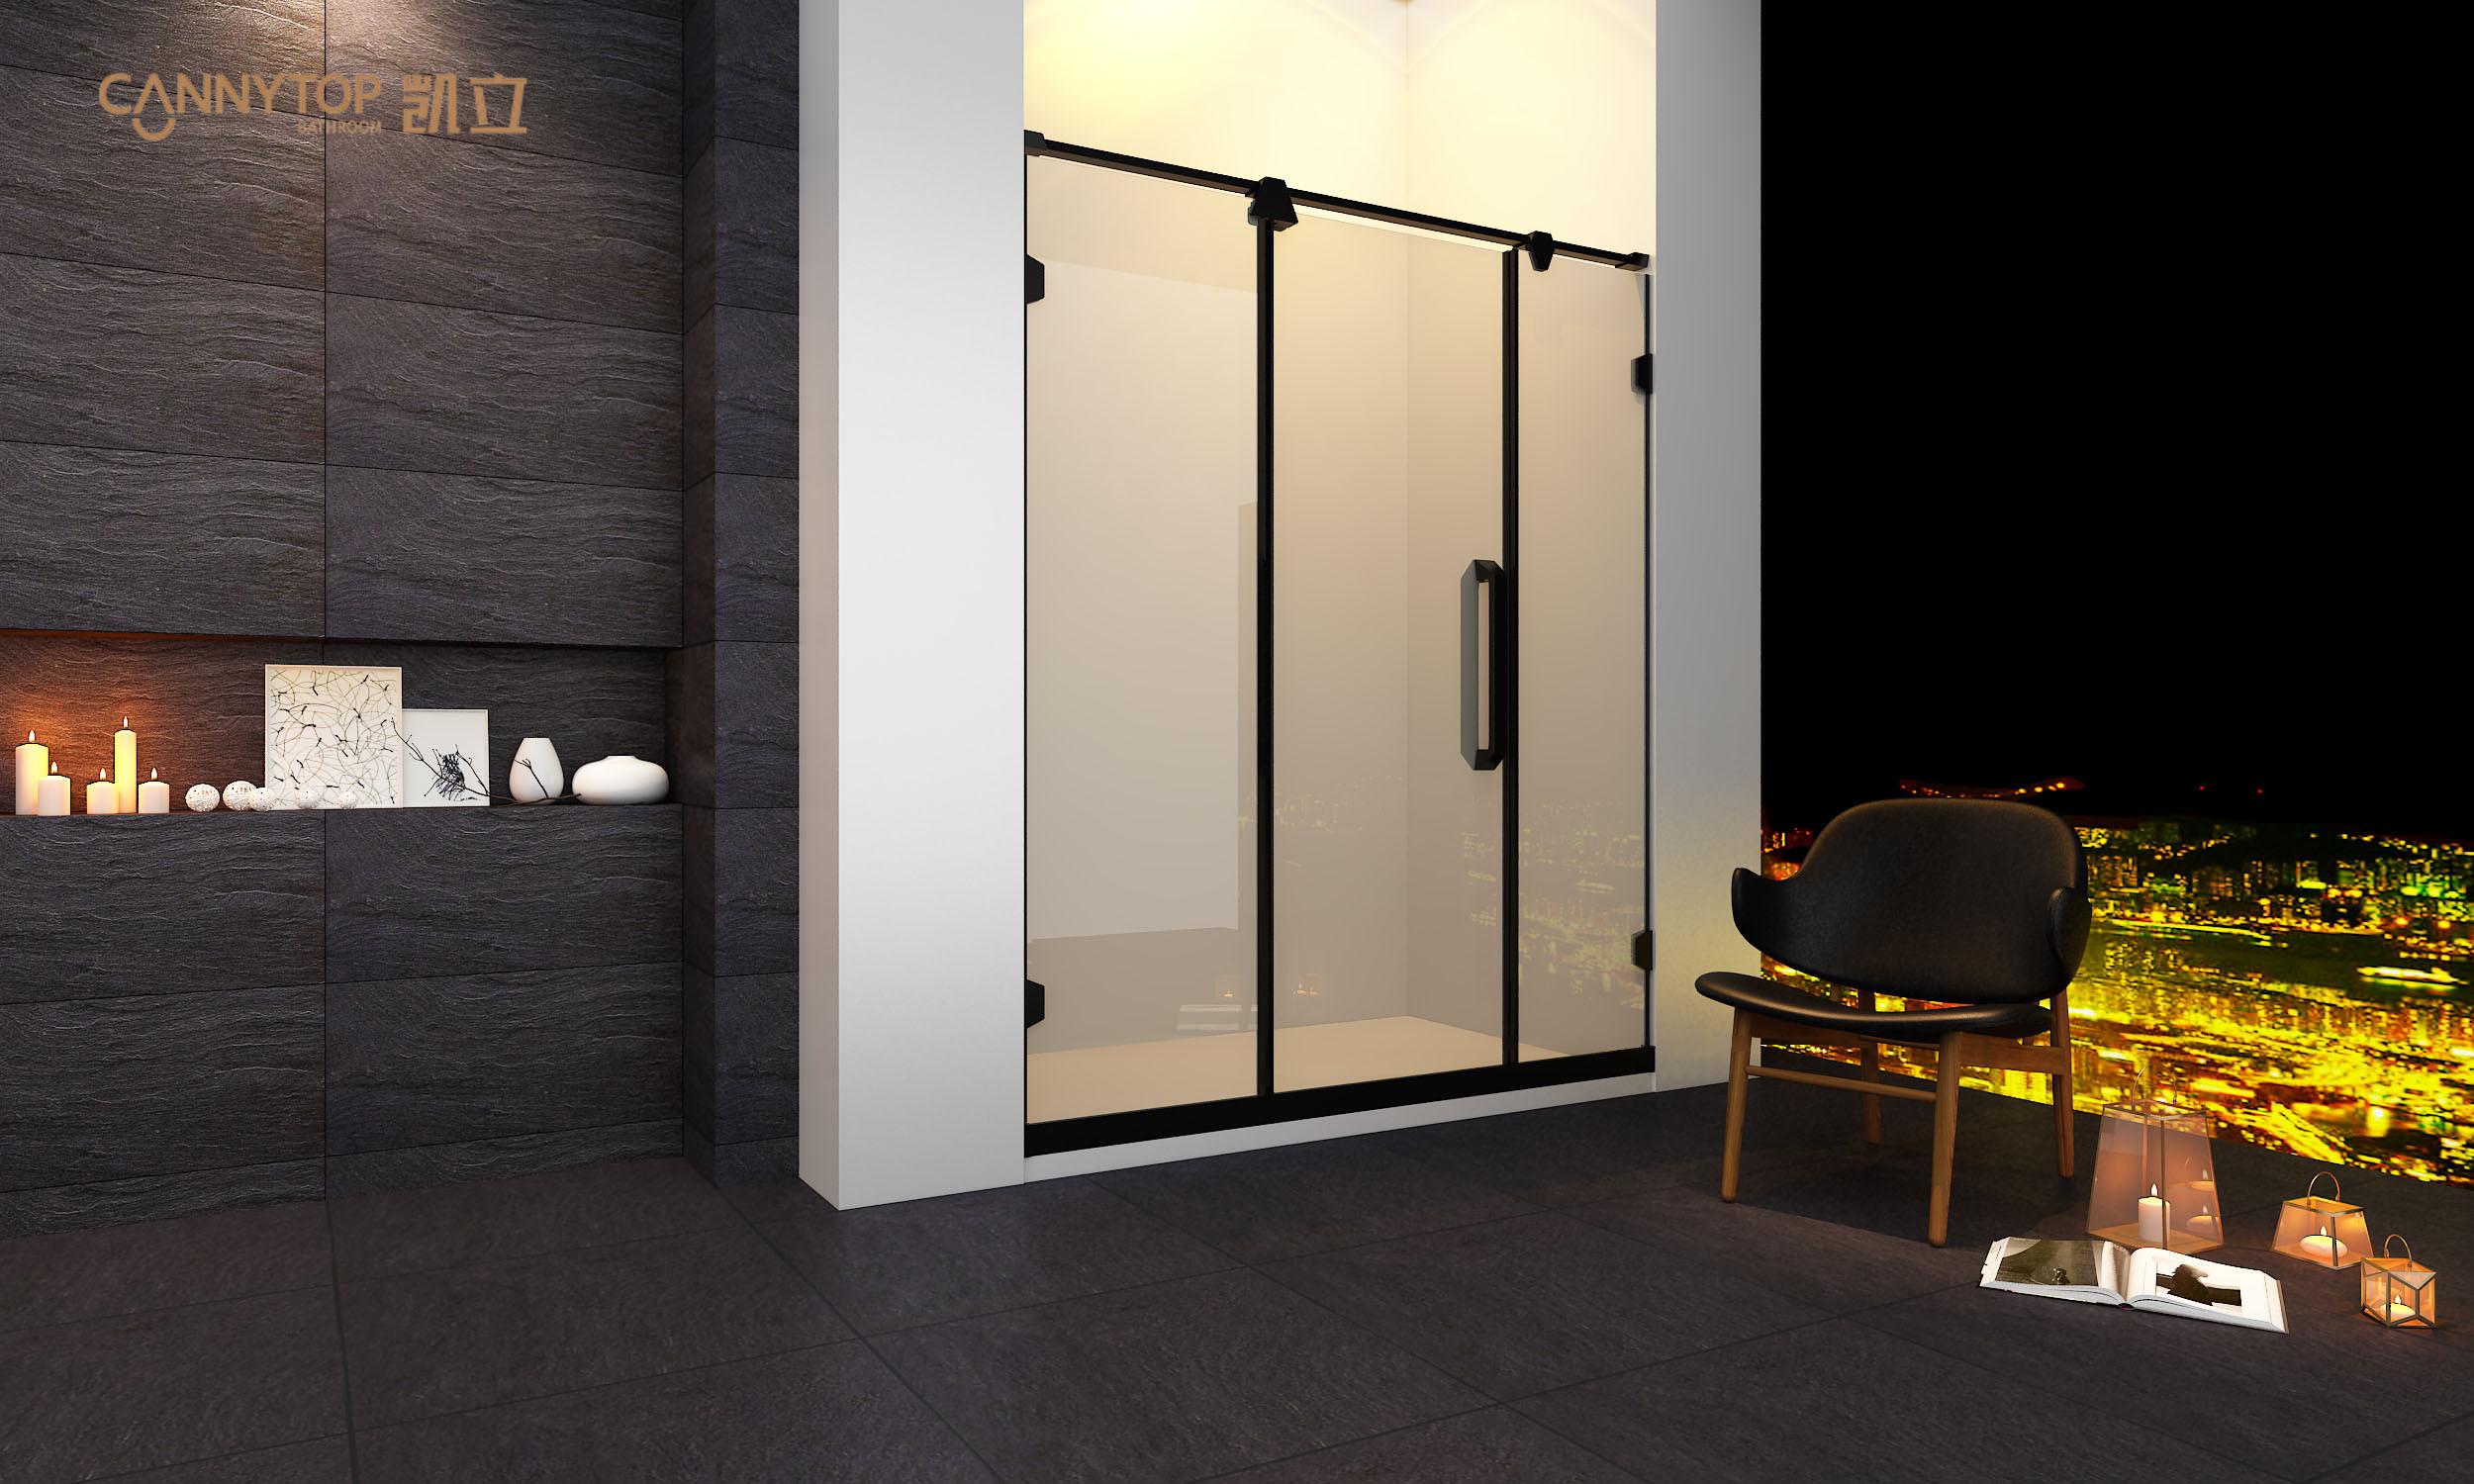 凯立淋浴房:匠心制造每一款产品,追求极致的沐浴体验